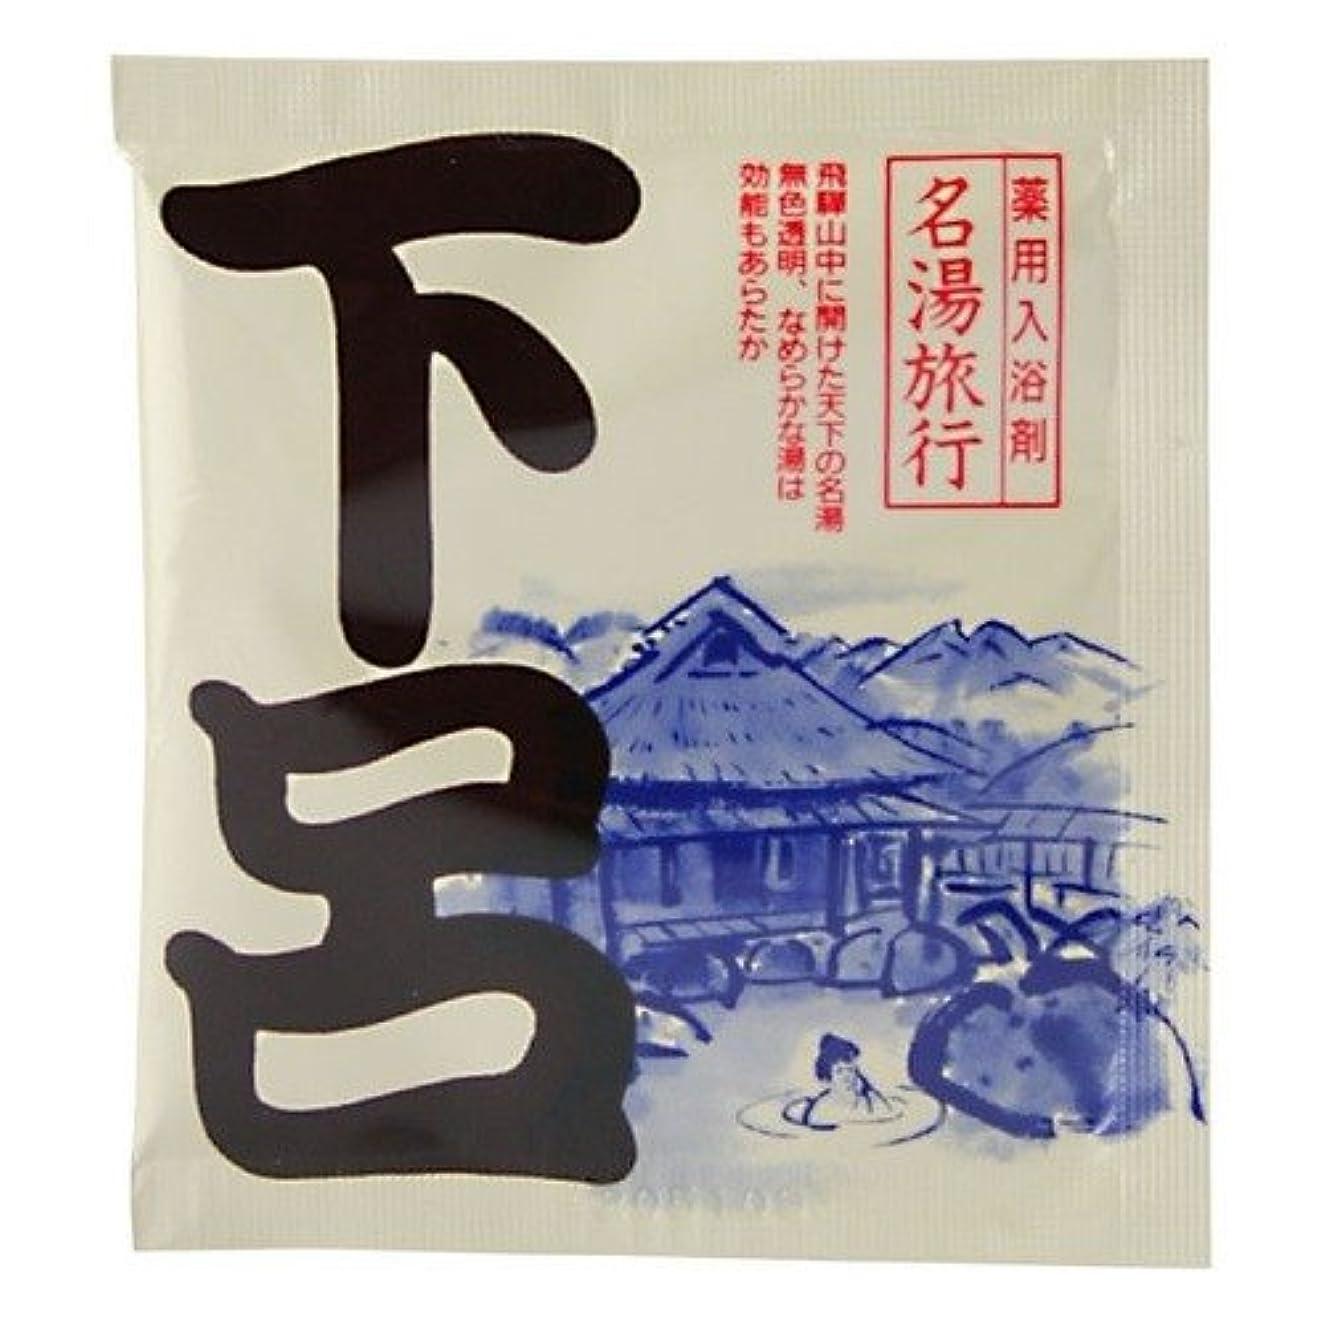 癌速記金属五洲薬品 名湯旅行 下呂 25g 4987332126751